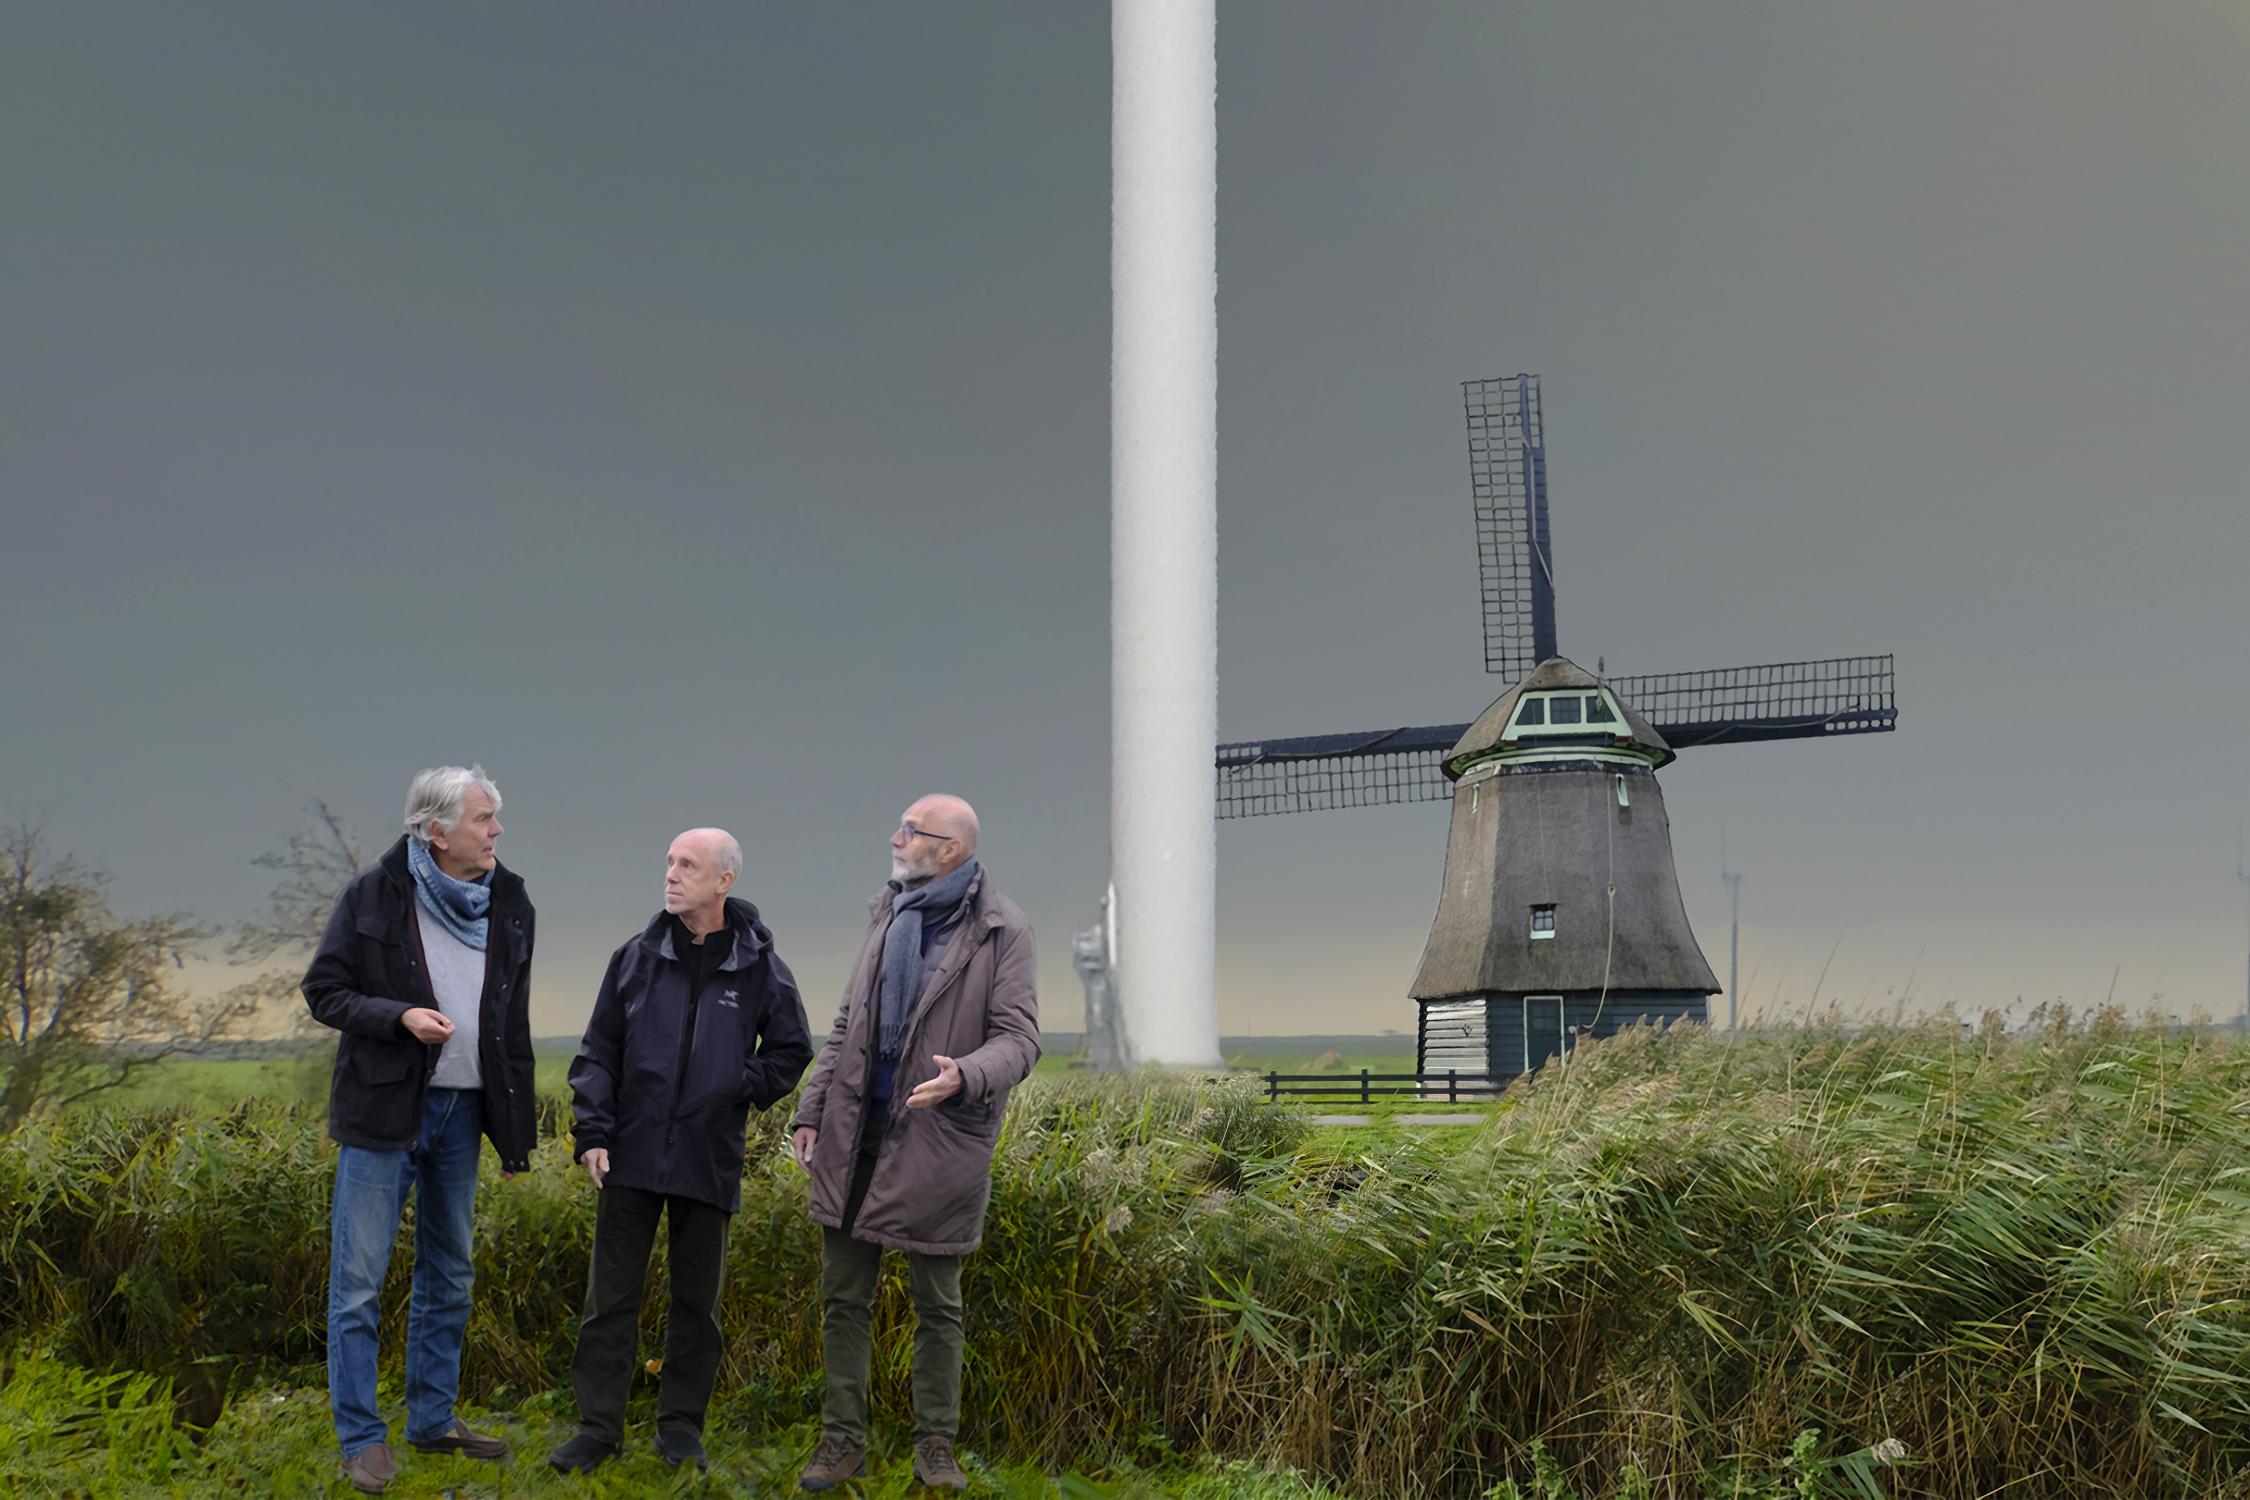 Geen extra zonneparken op landbouwgrond in Hollands Kroon? Dat staat nog lang niet vast. Liander zet offensief in